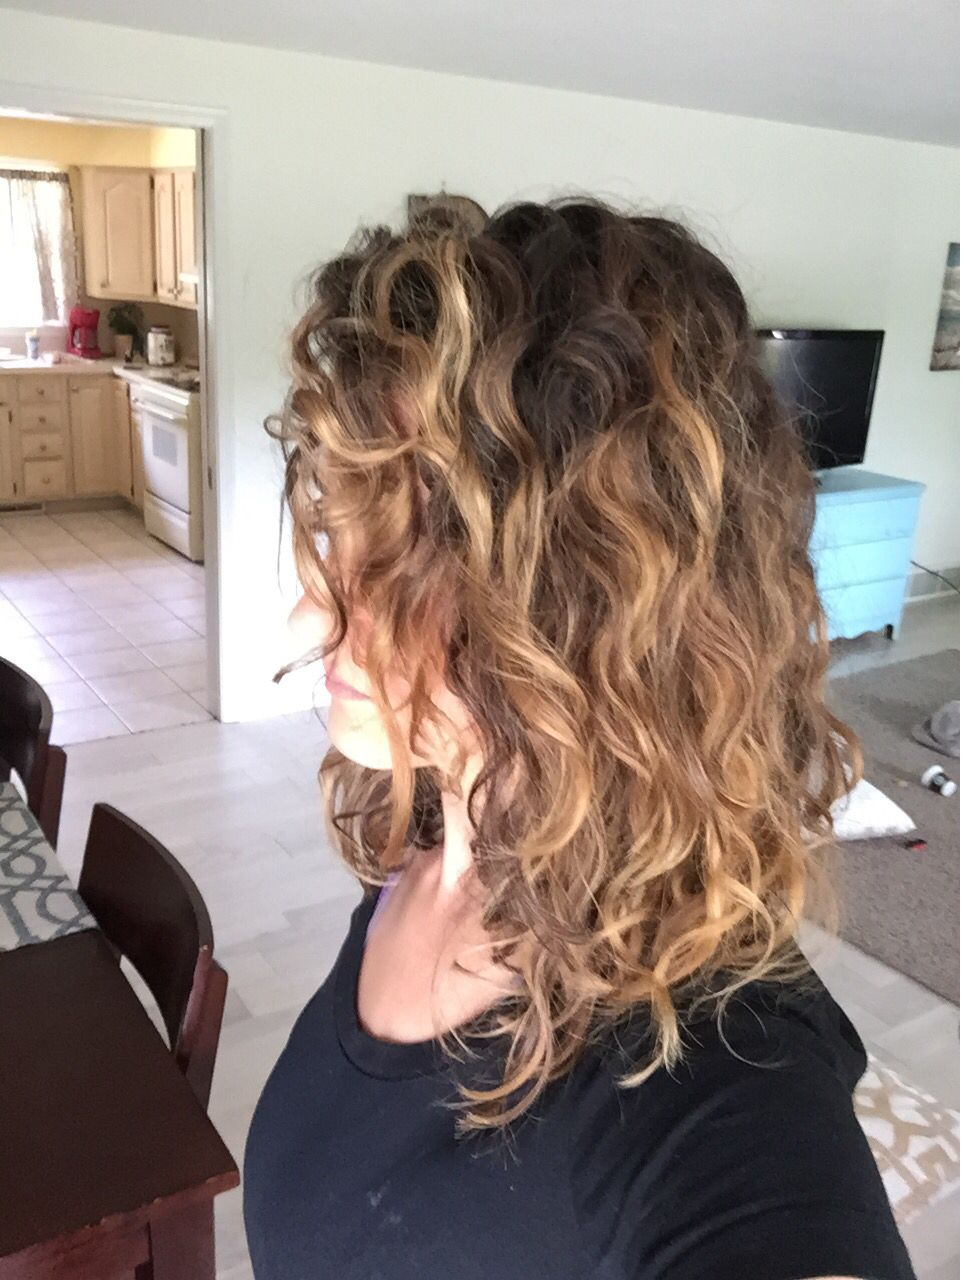 Balayage Naturally Curly Hair Done By Sarah Collier Curly Hair Styles Naturally Natural Curls Hairstyles Balayage Hair